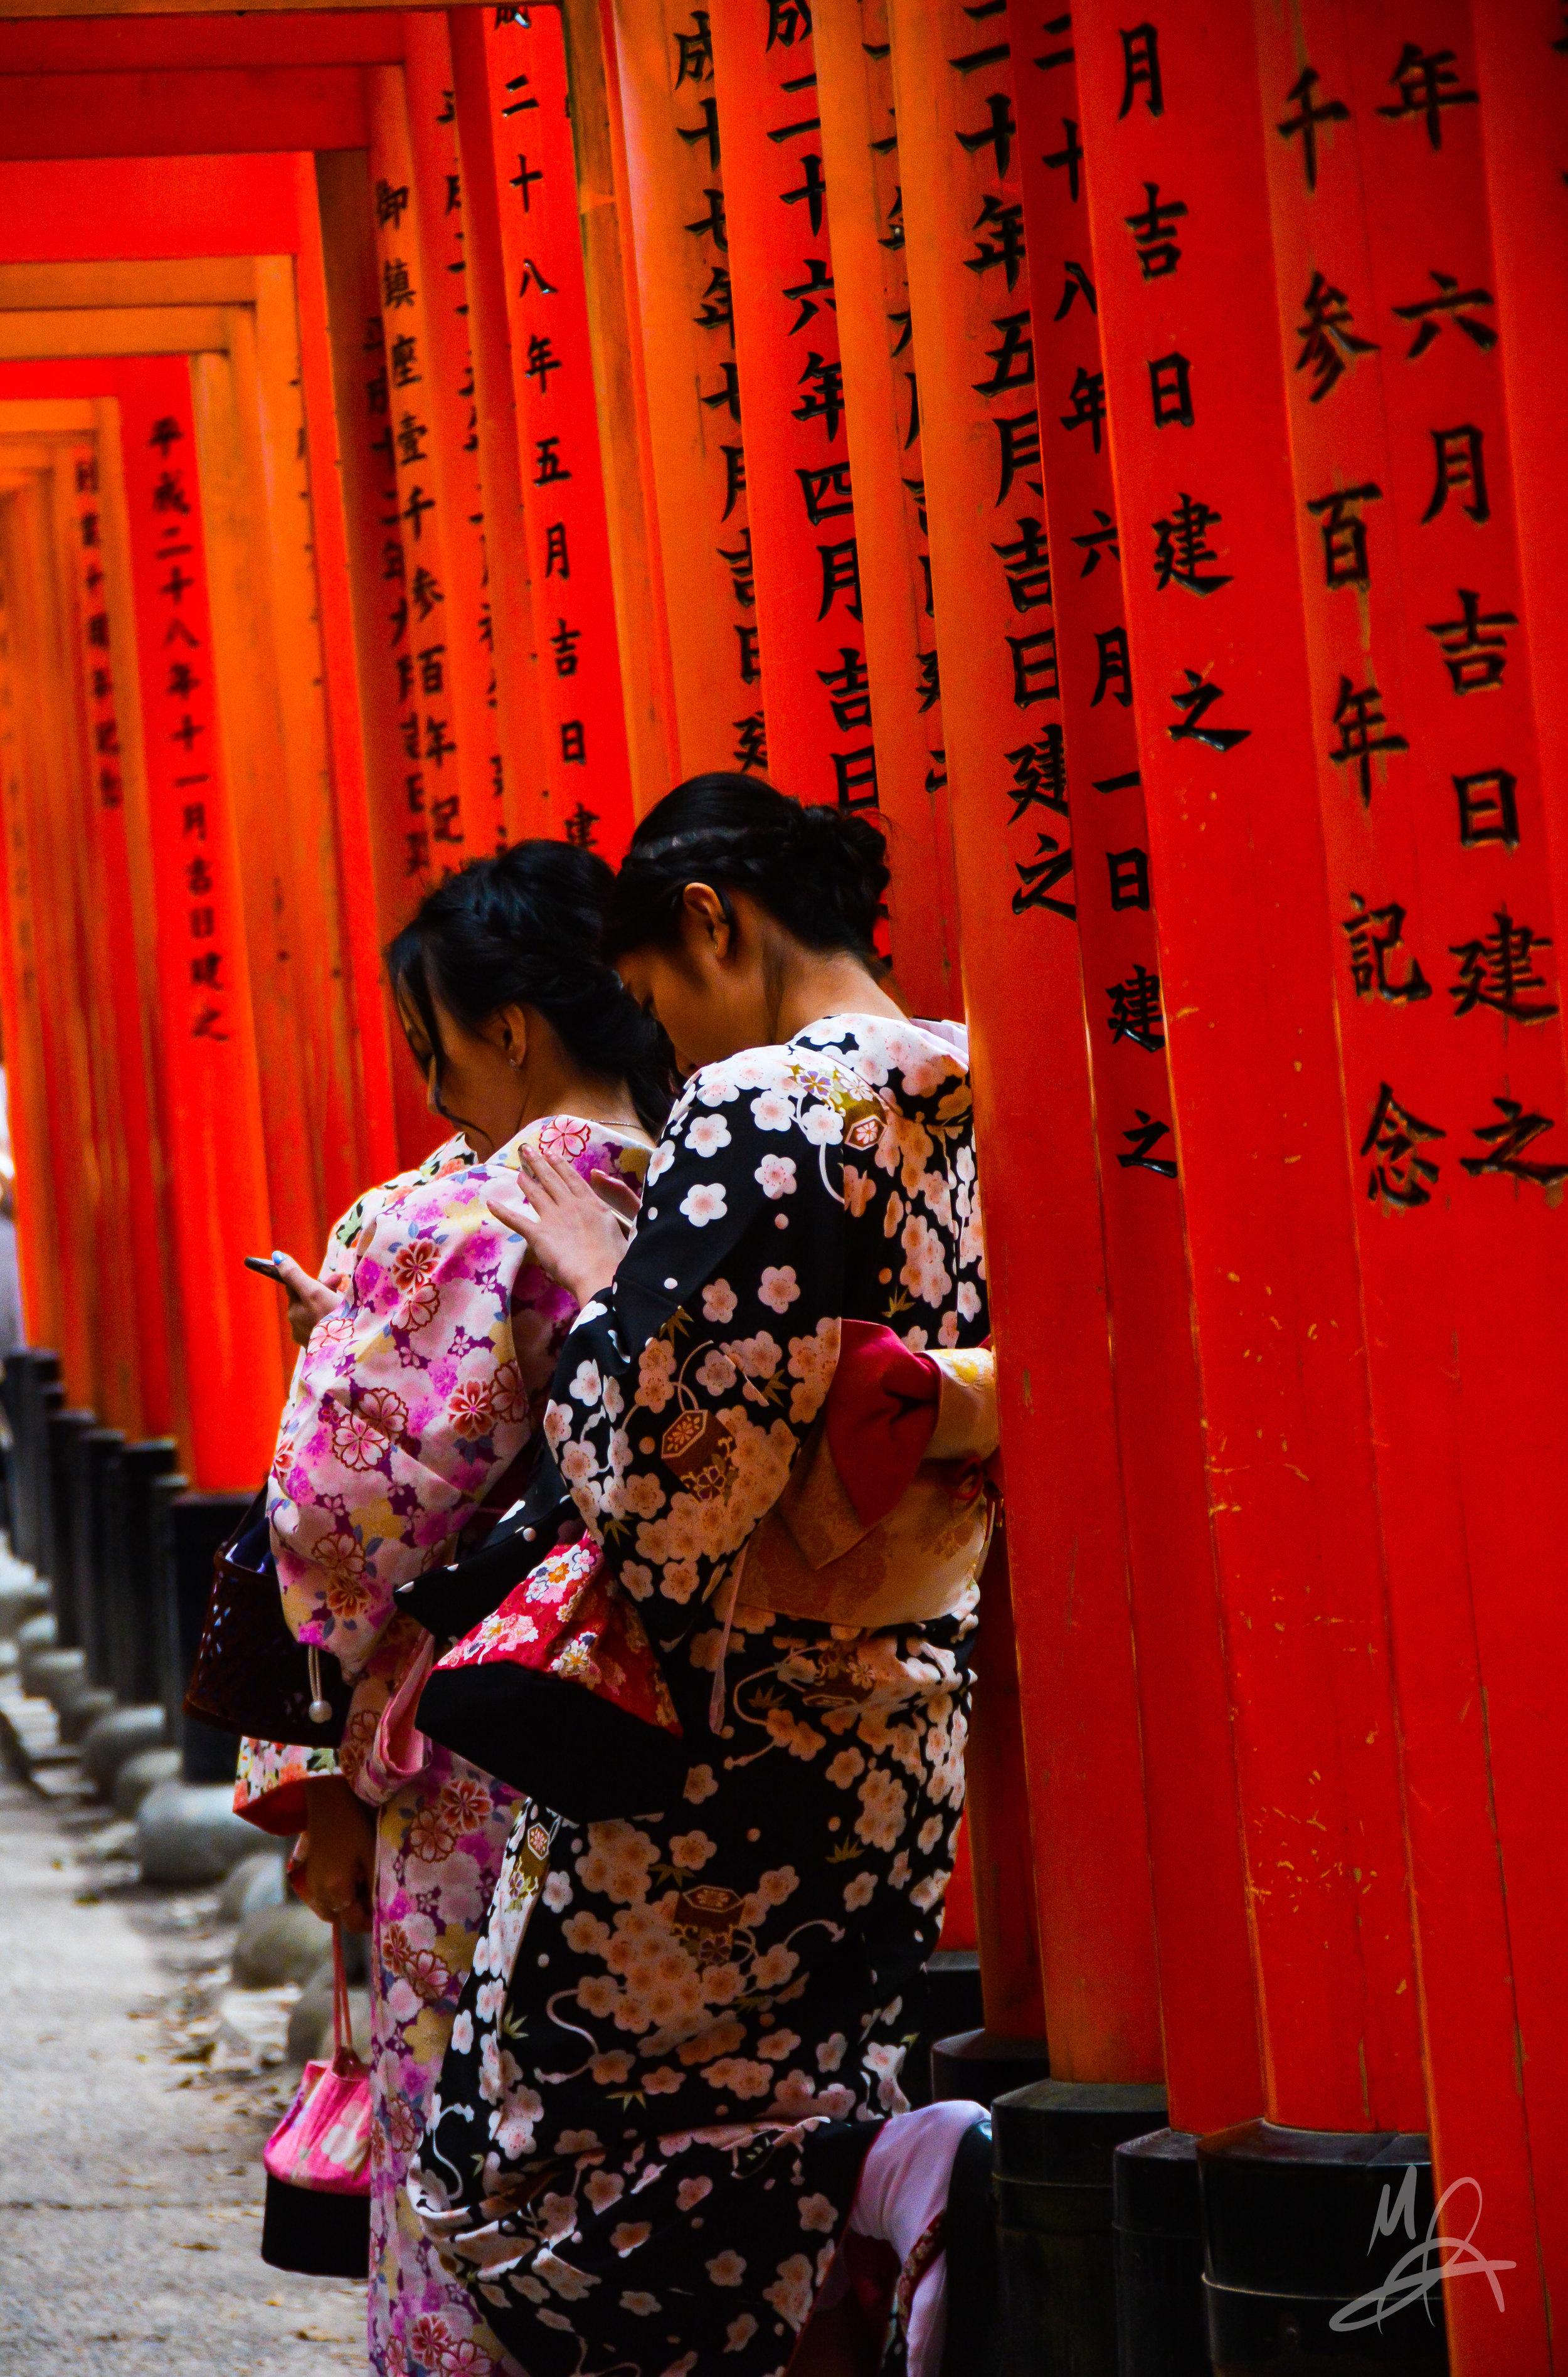 Geishas at the gates